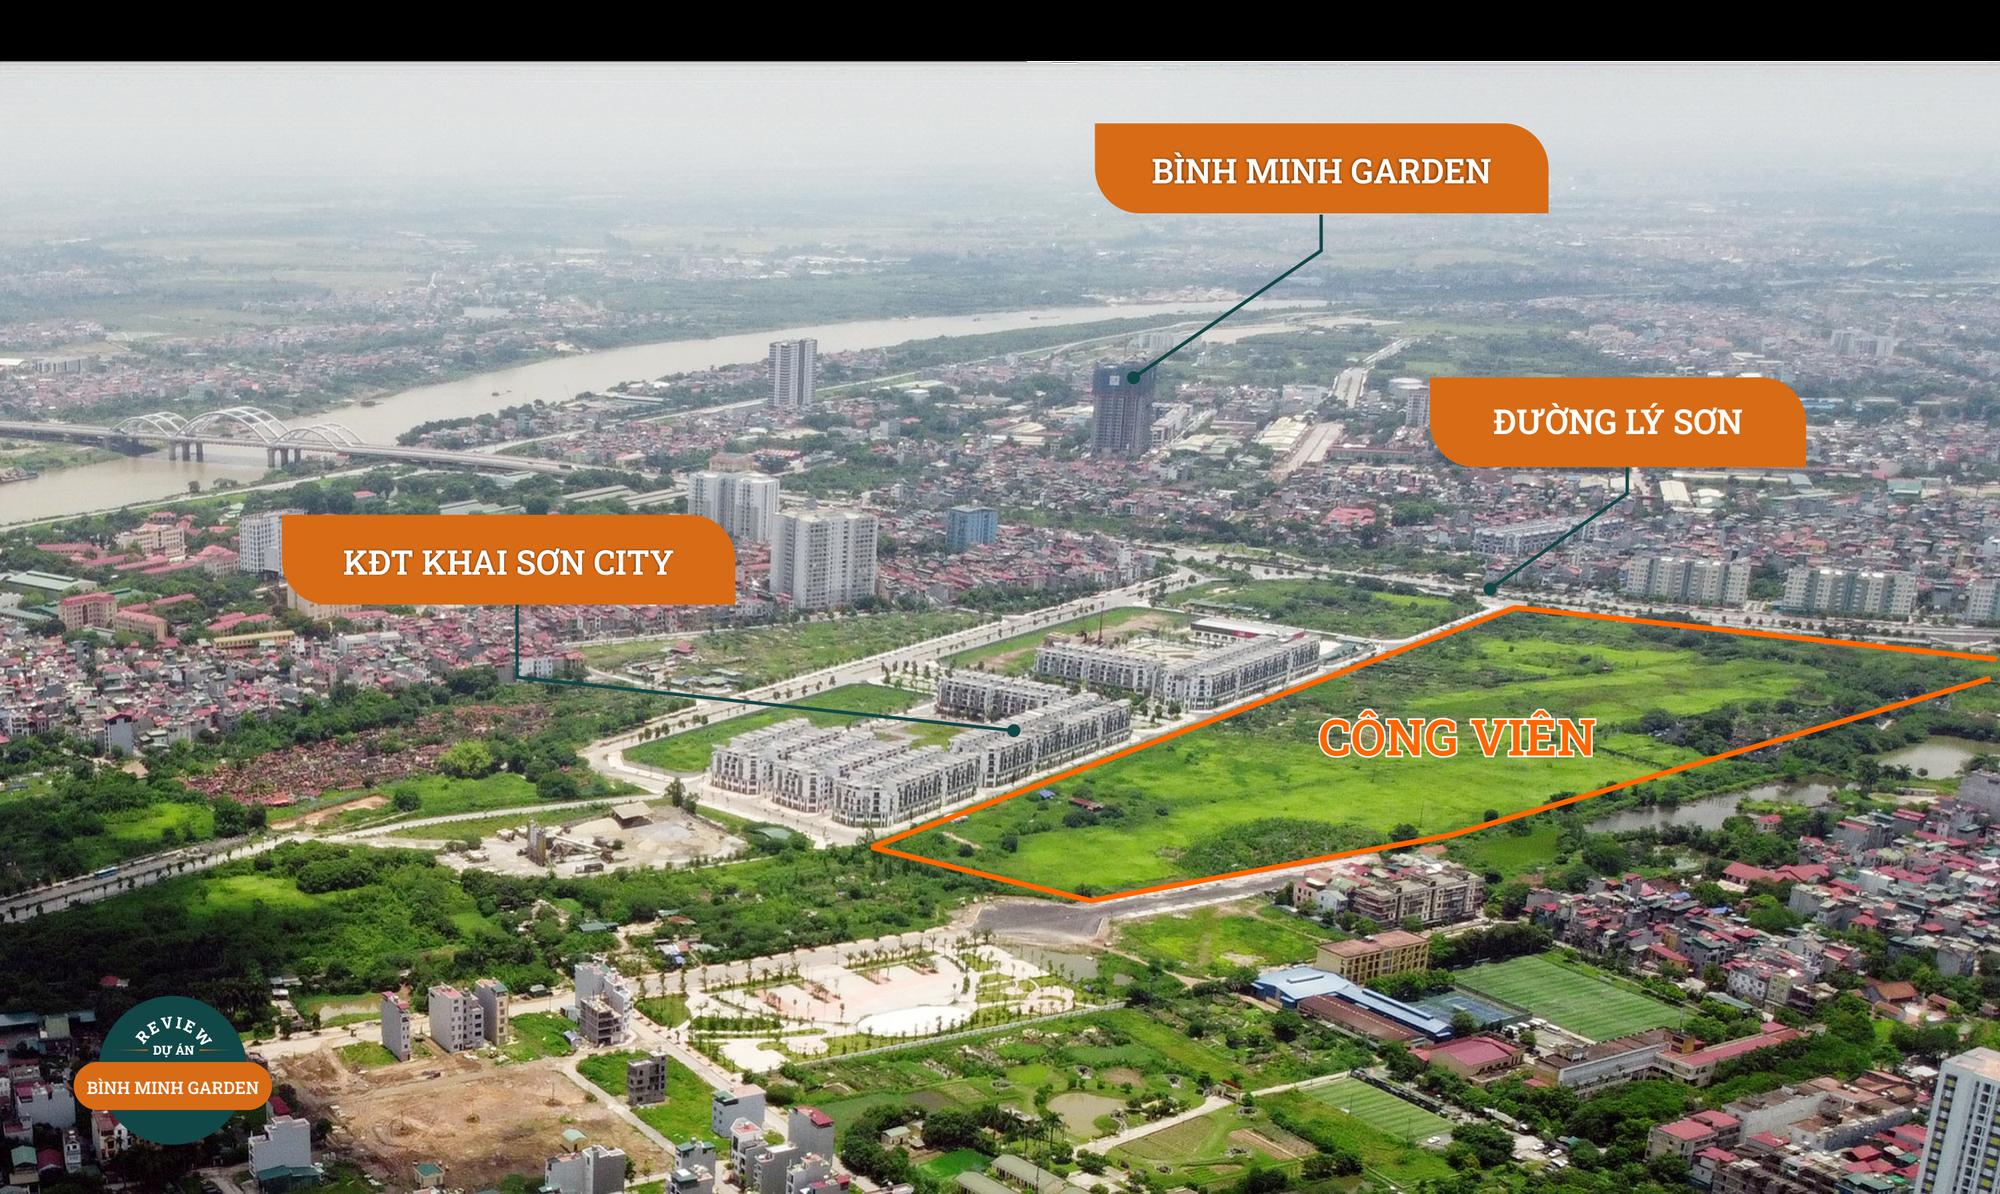 Review dự án Bình Minh Garden: Tổ hợp chung cư, shophouse hơn nghìn tỷ gần cầu Đông Trù của Shark Hưng - Ảnh 17.